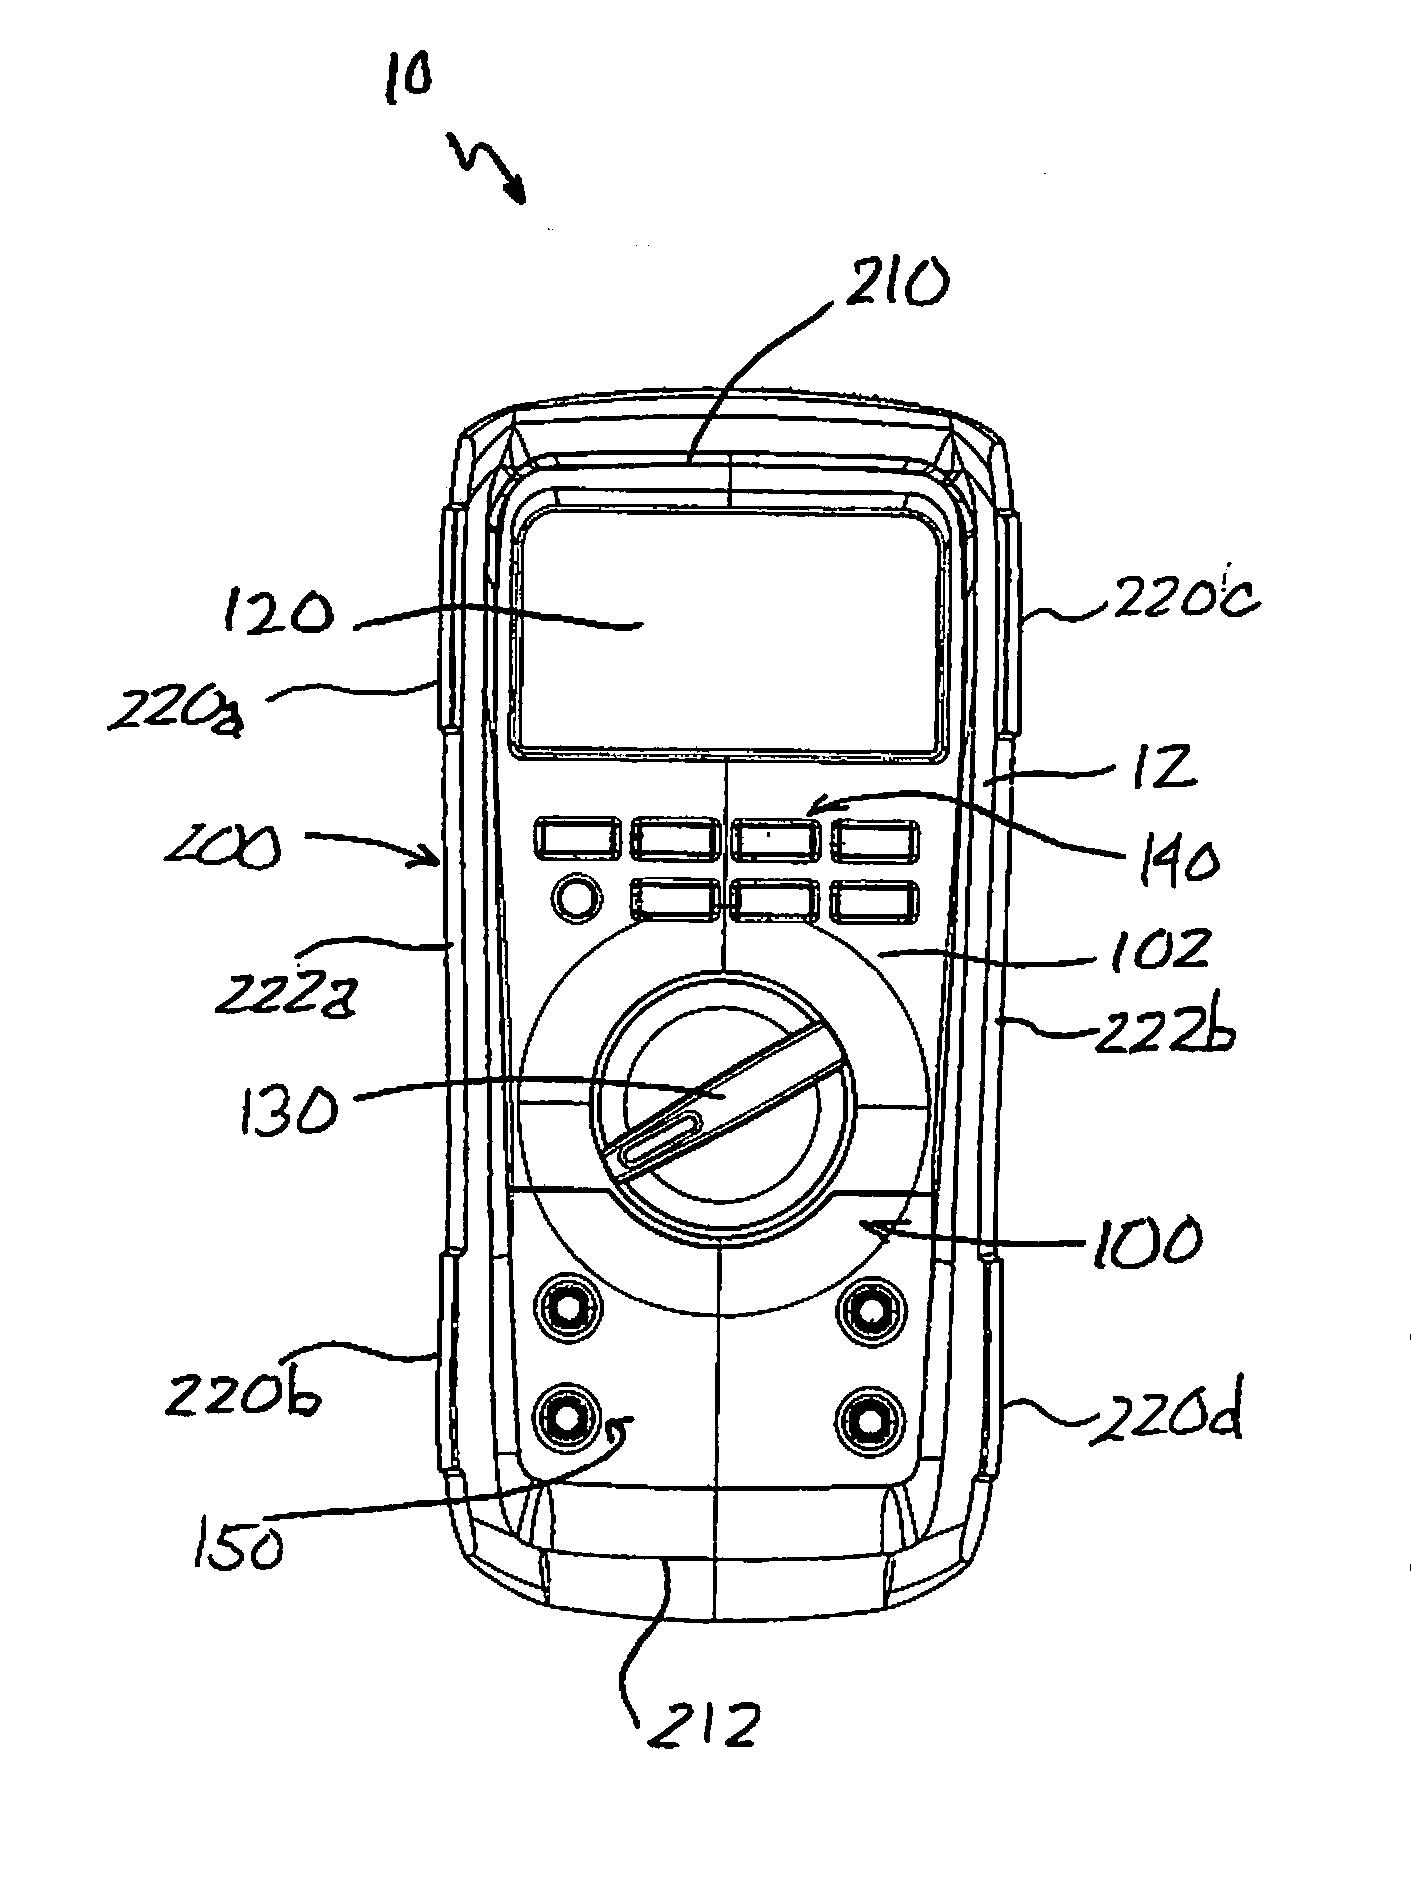 patent us20110026196